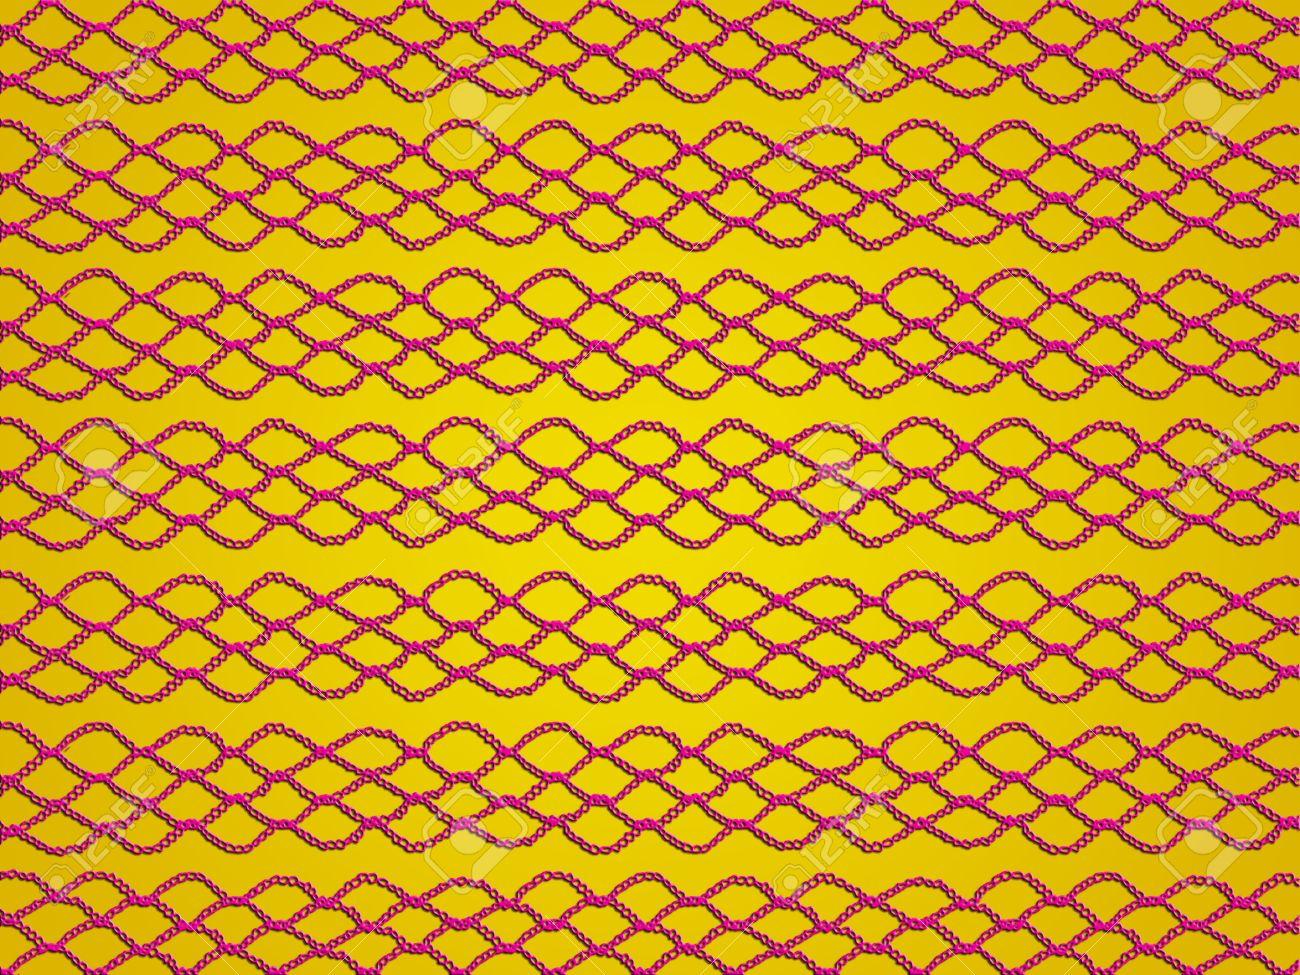 De Fondo Ocre Amarillo Con Enlaces Rojos En Crochet Patrón De ...